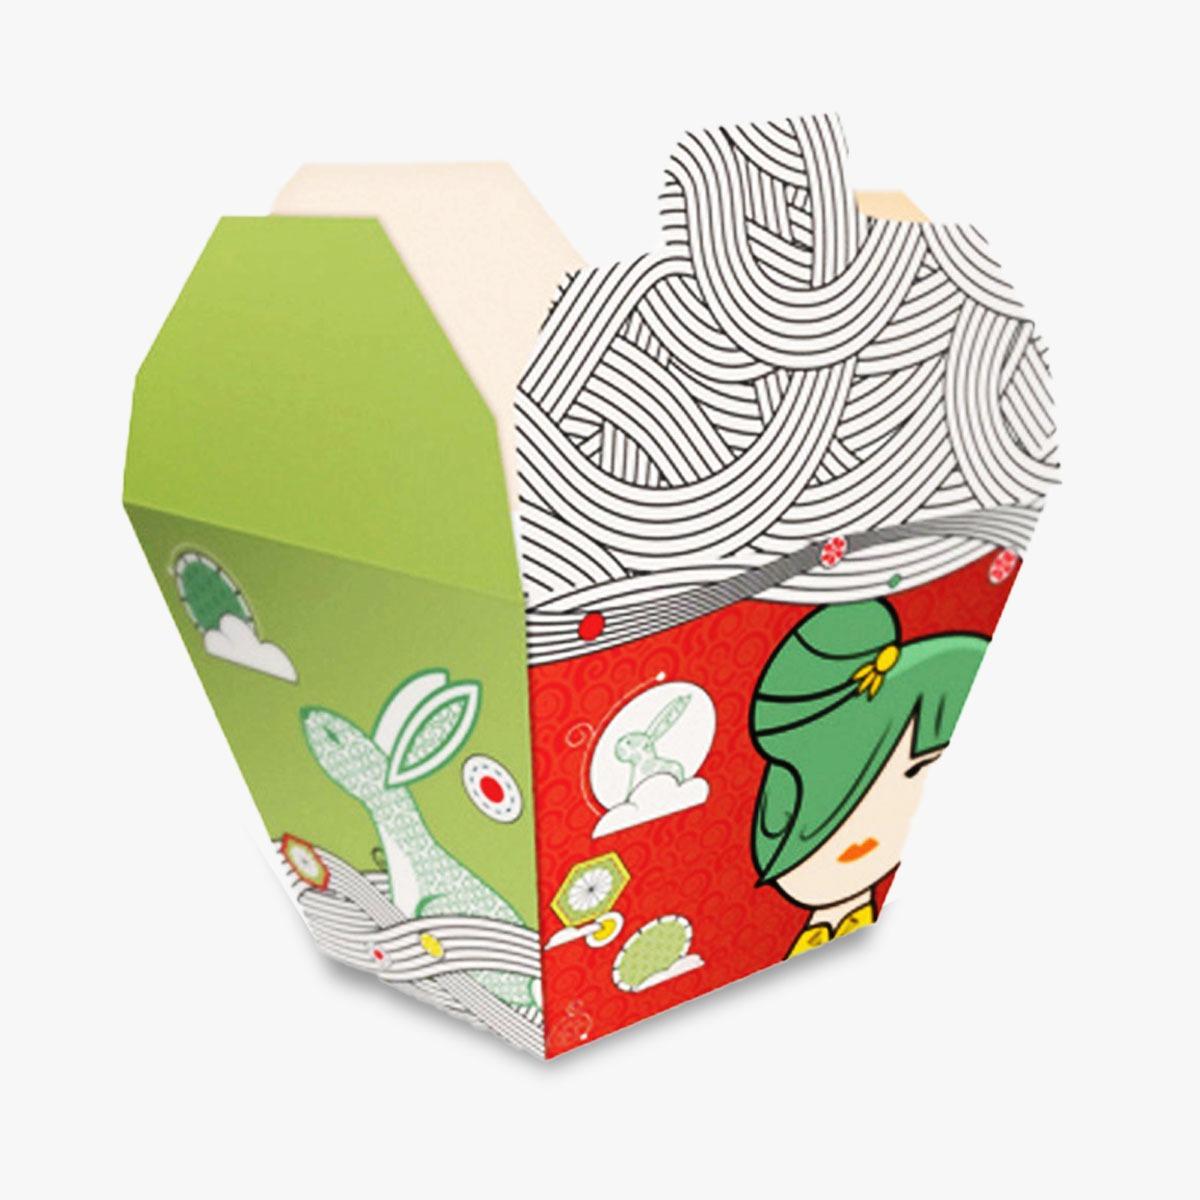 Chinese Takeout Box